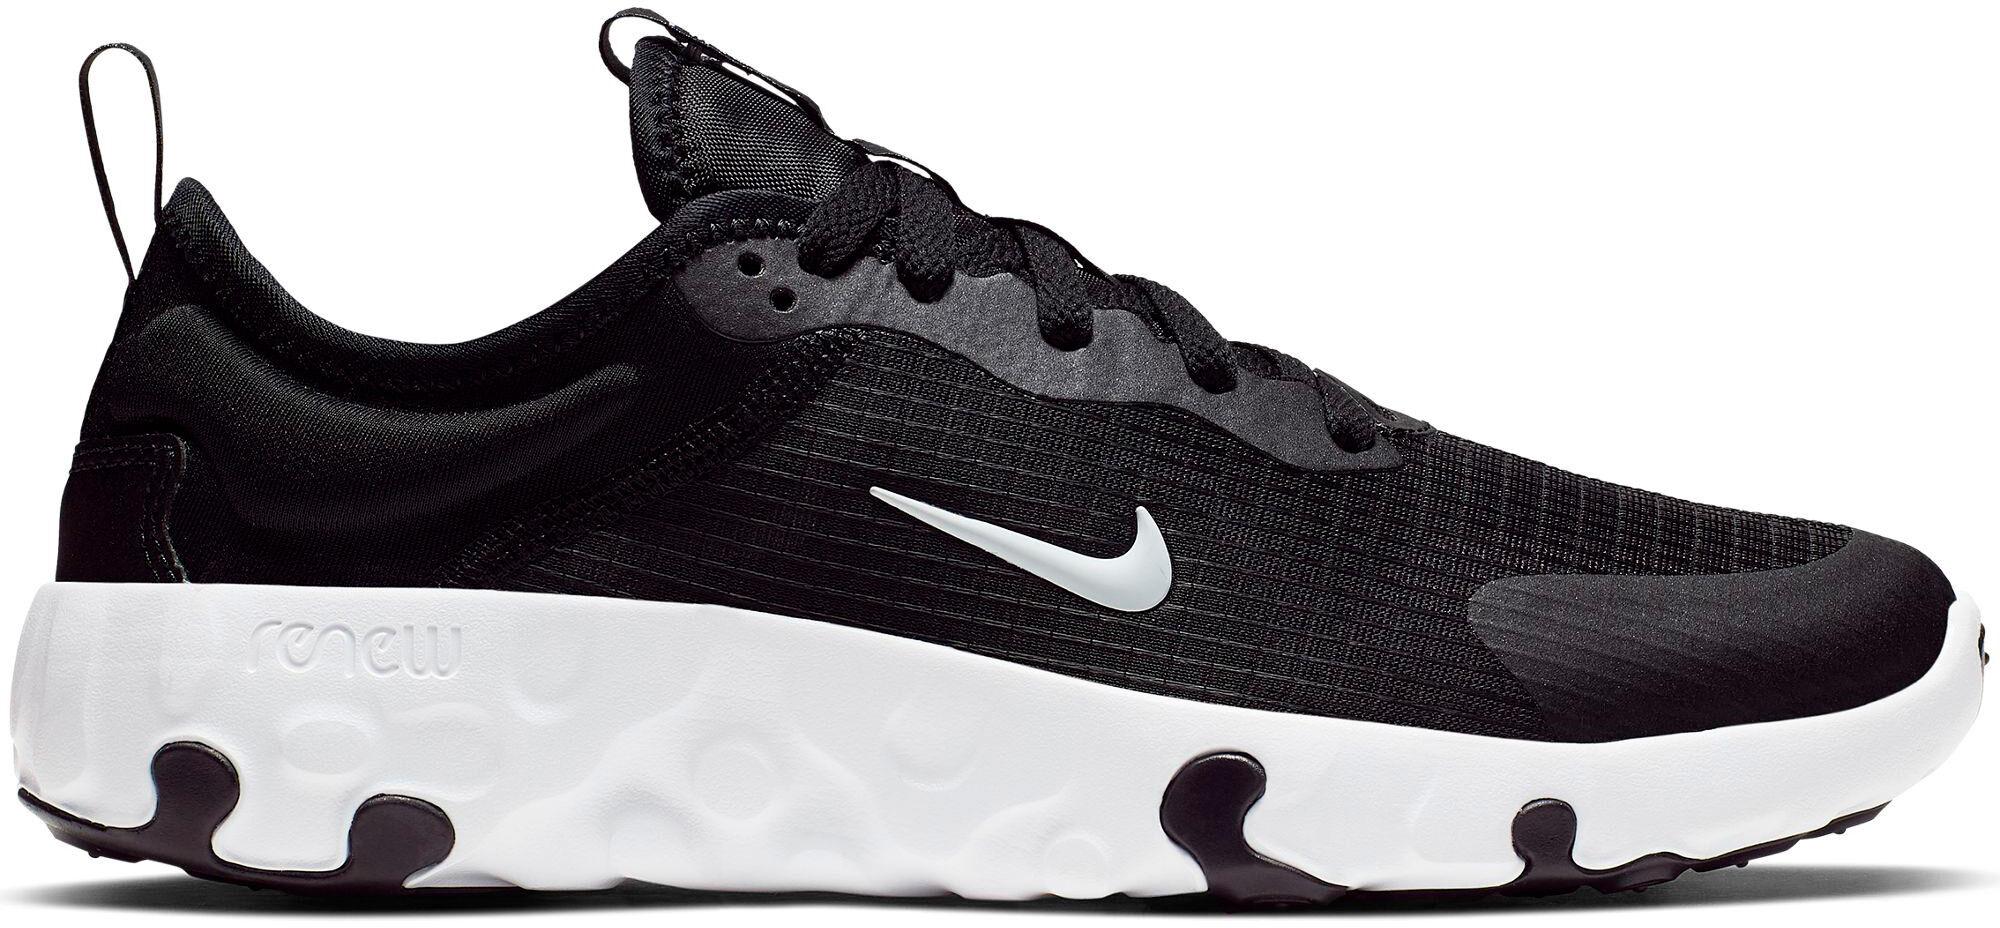 Zapatillas Nike Niña Talla 22 Y 23 Zapatillas Nuevo en